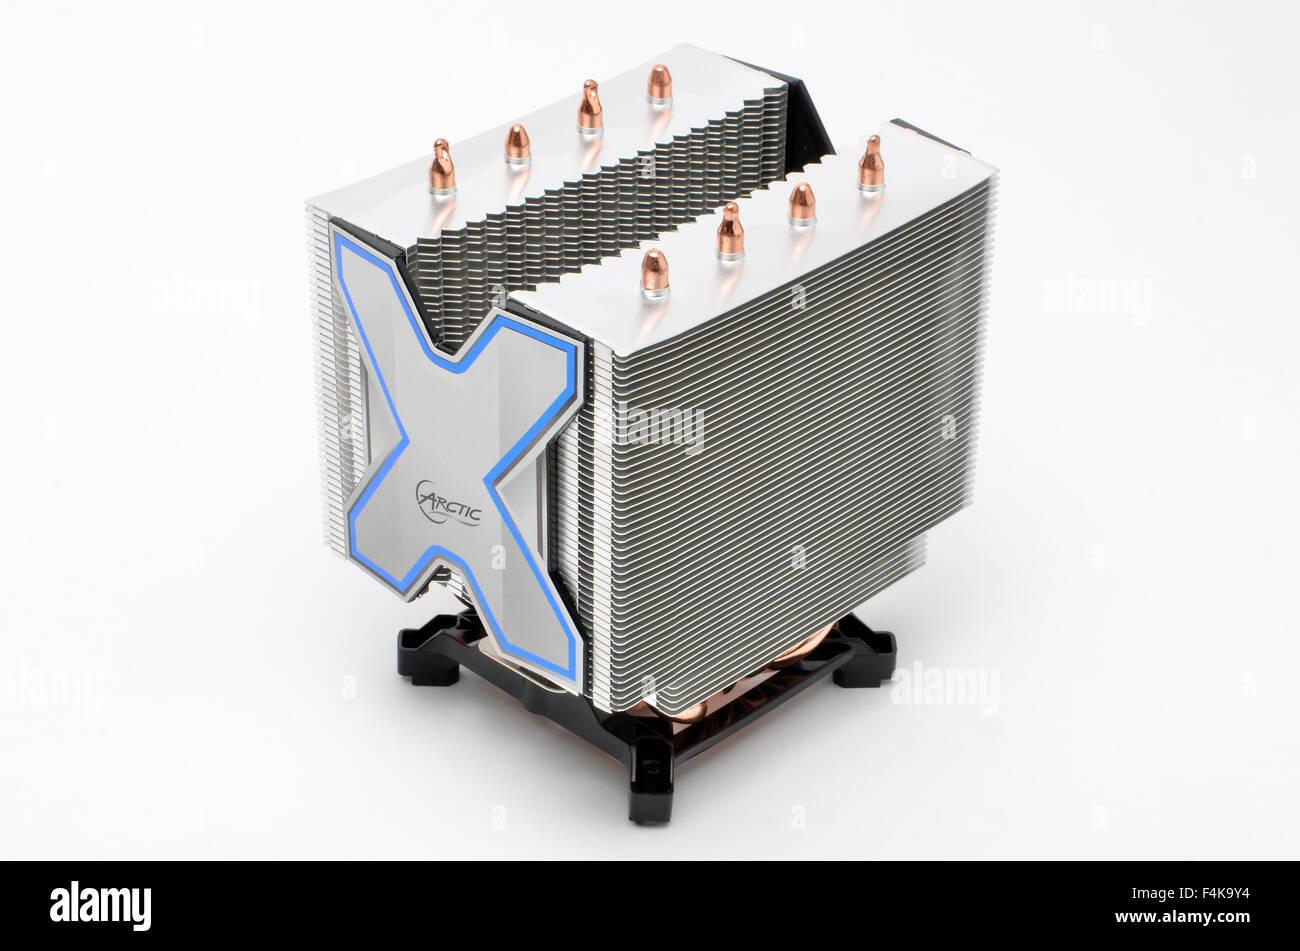 Heatsink Stockfotos & Heatsink Bilder - Alamy